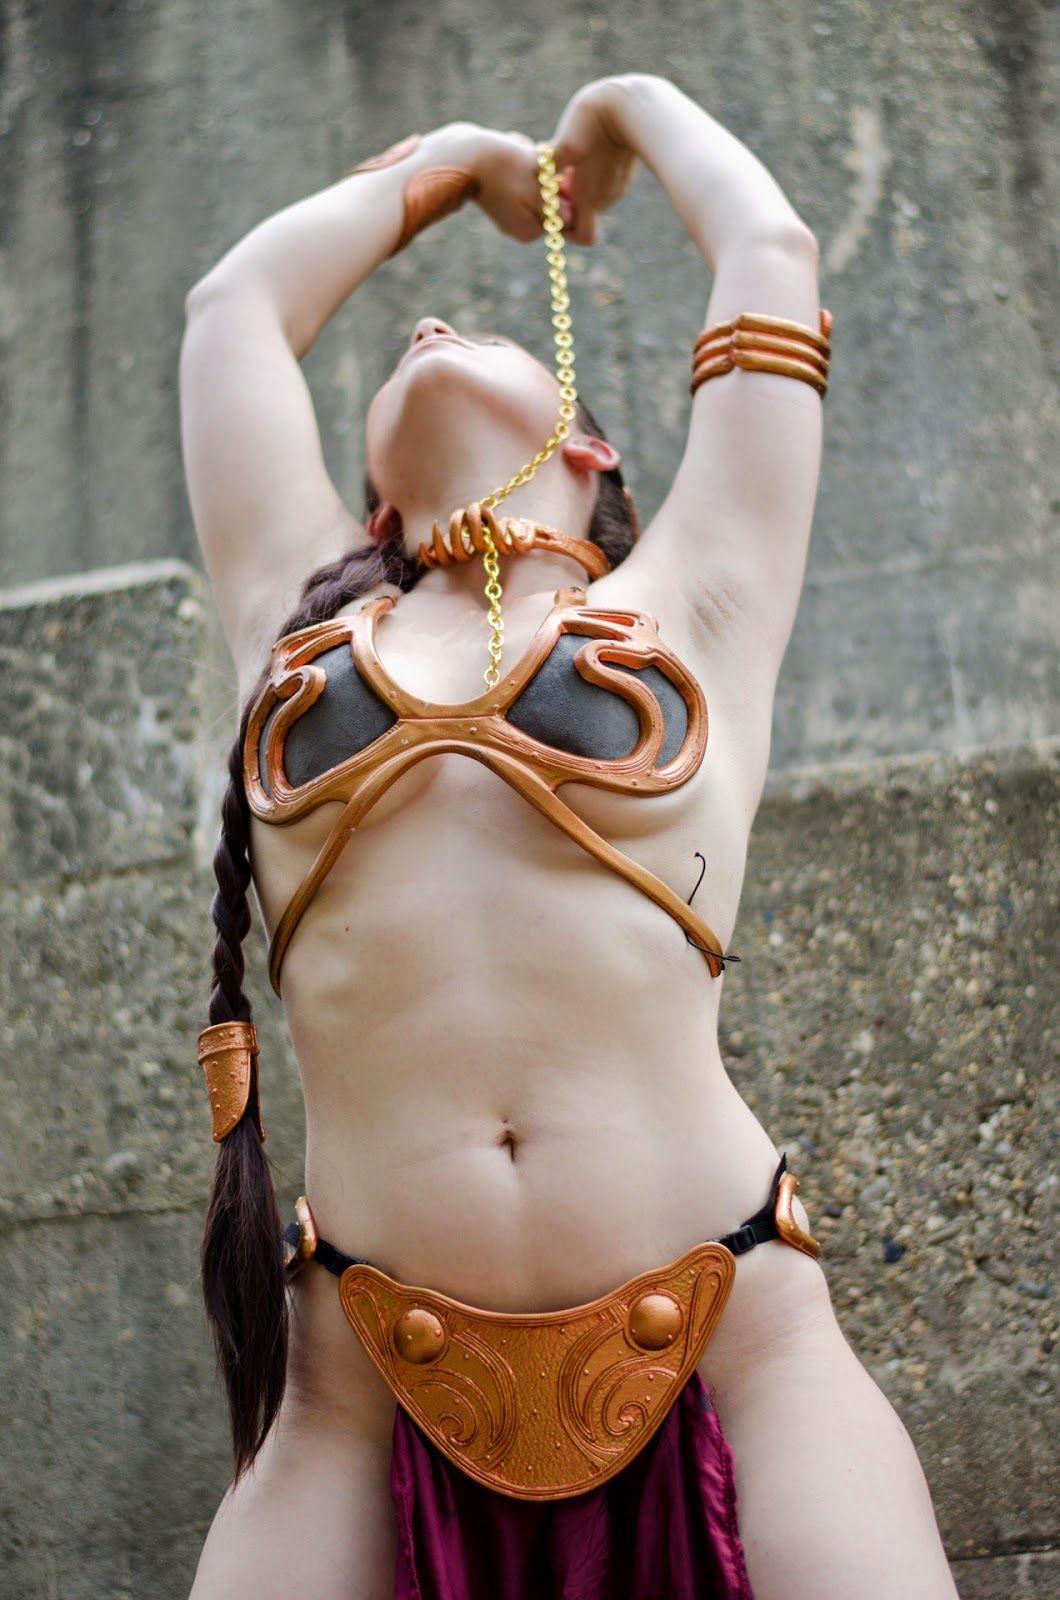 virgin mari artist nude